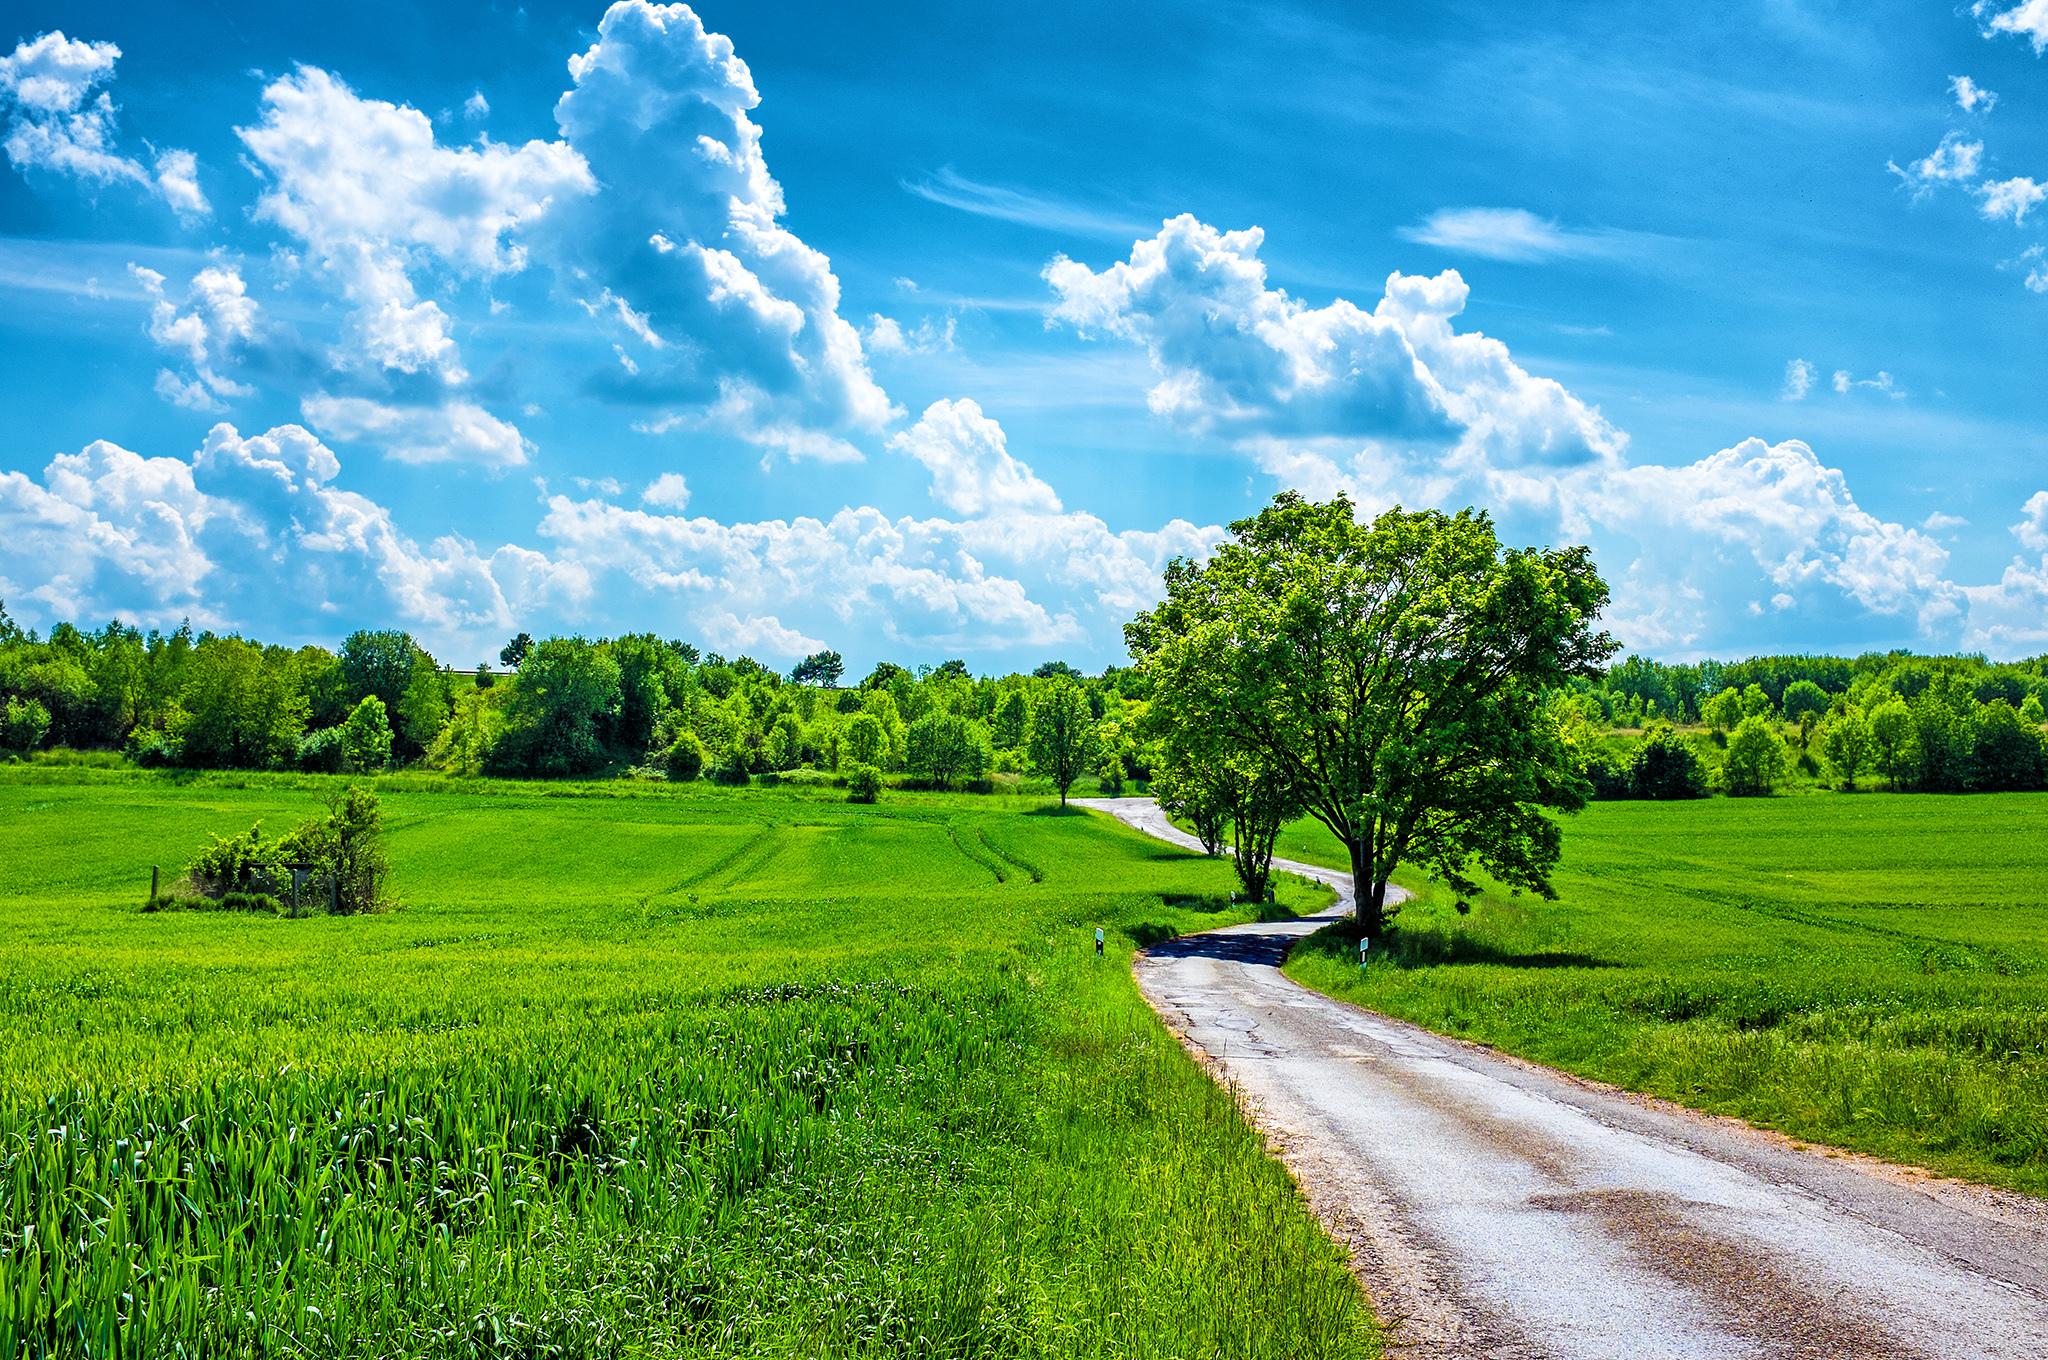 картинки пейзажа летнего зависит